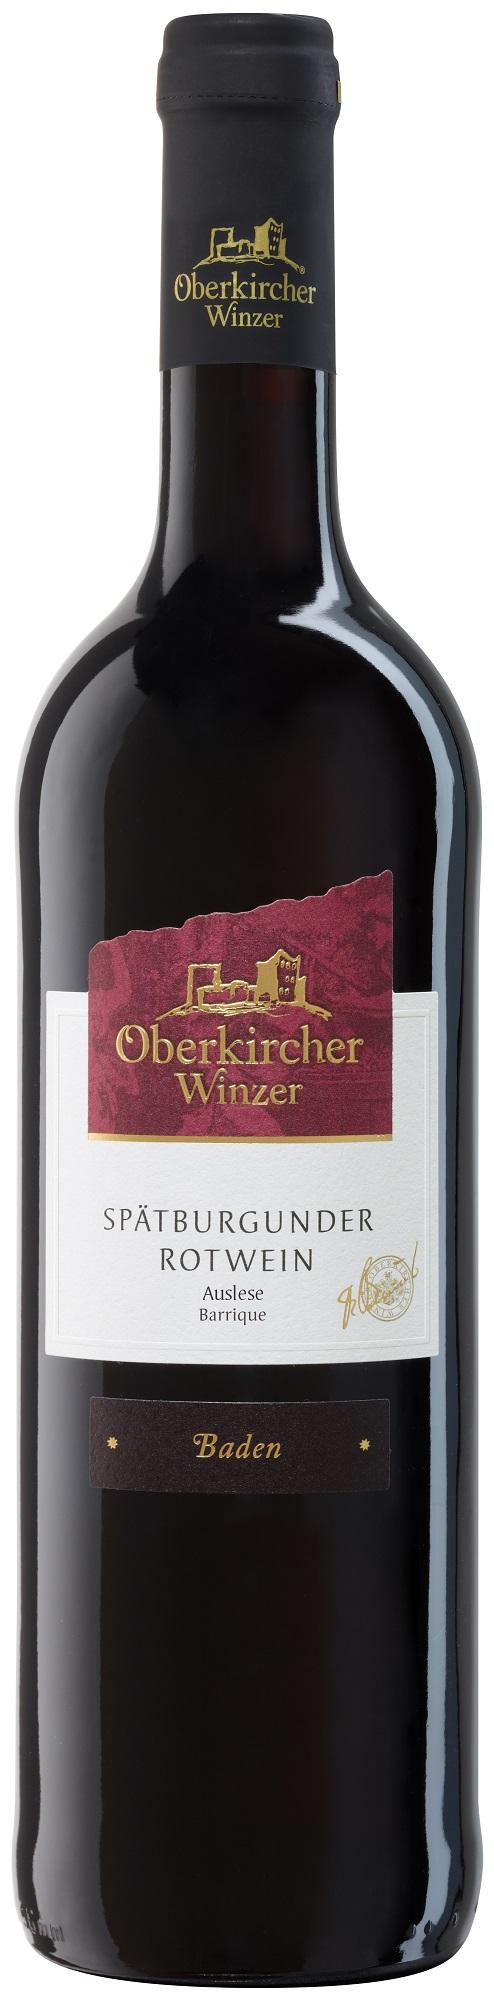 Collection Oberkirch, Spätburgunder Rotwein Auslese -Barrique-